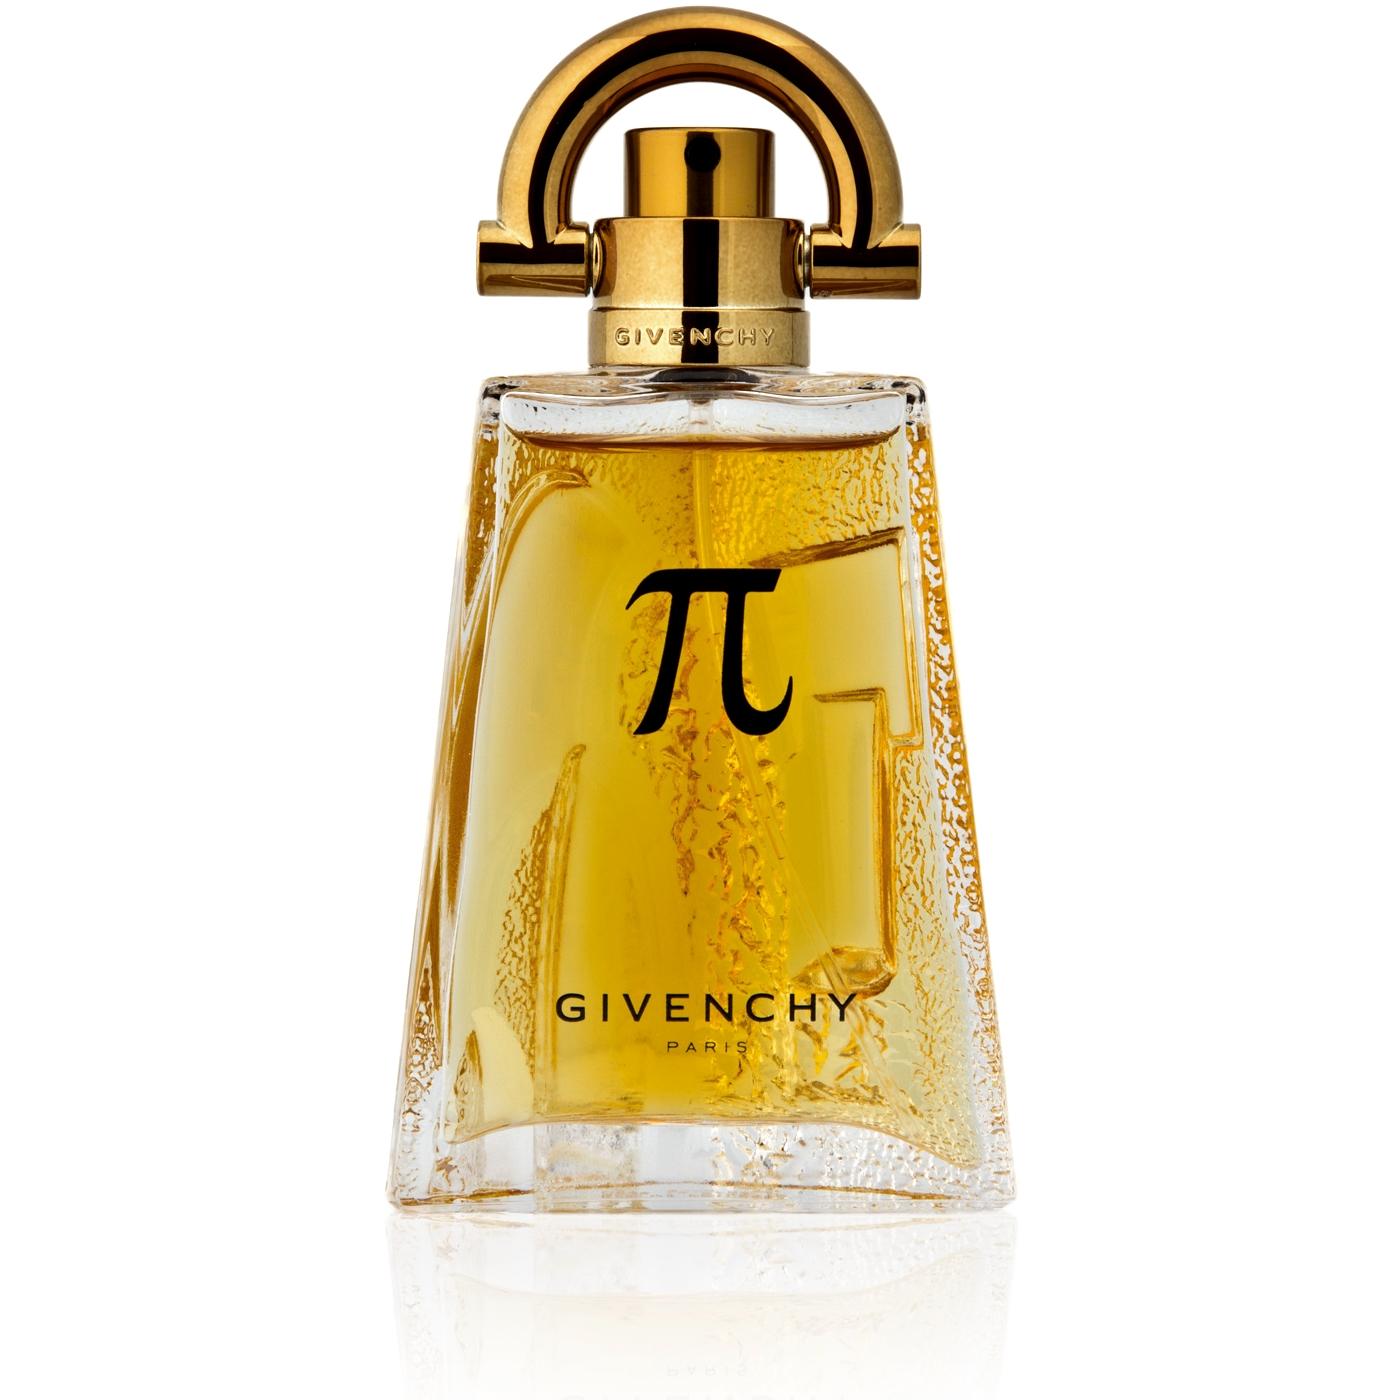 Givenchy Pi Greco eau de toilette vapo donna 100 ml